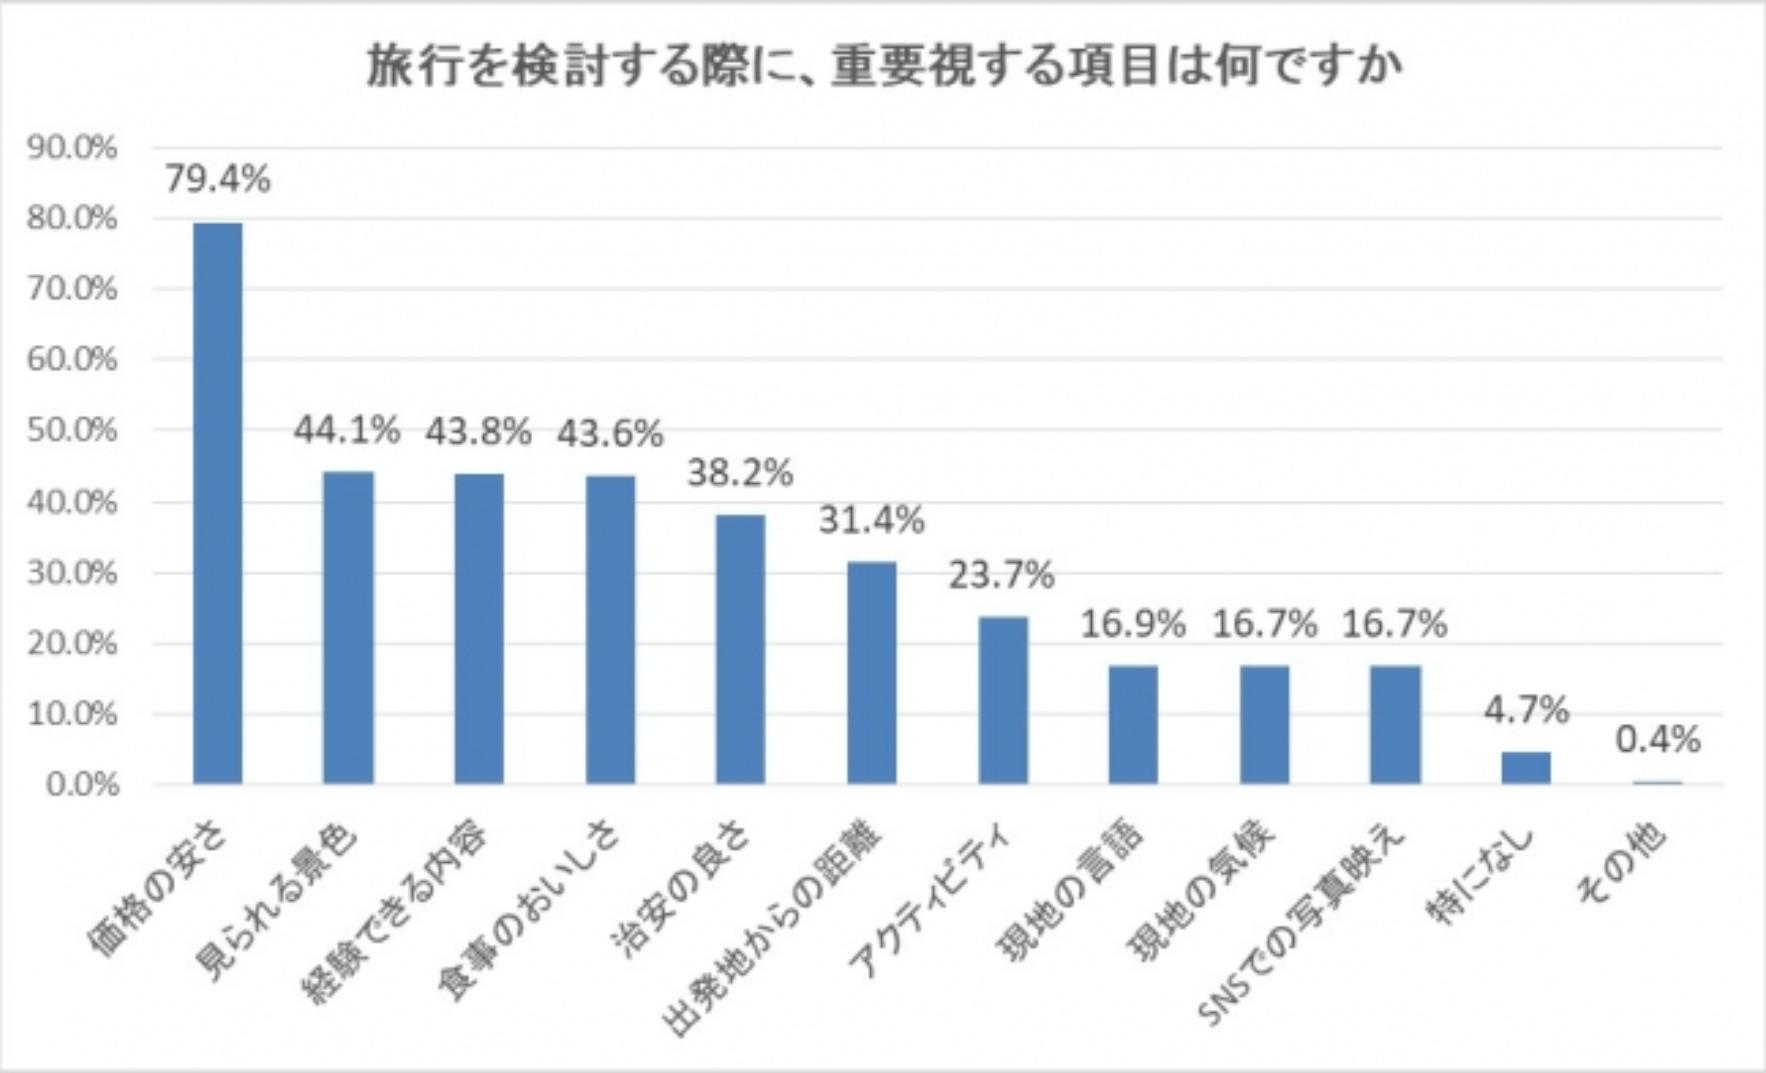 【データ】「学生旅行・卒業旅行のアンケート調査」阪急交通社調べ